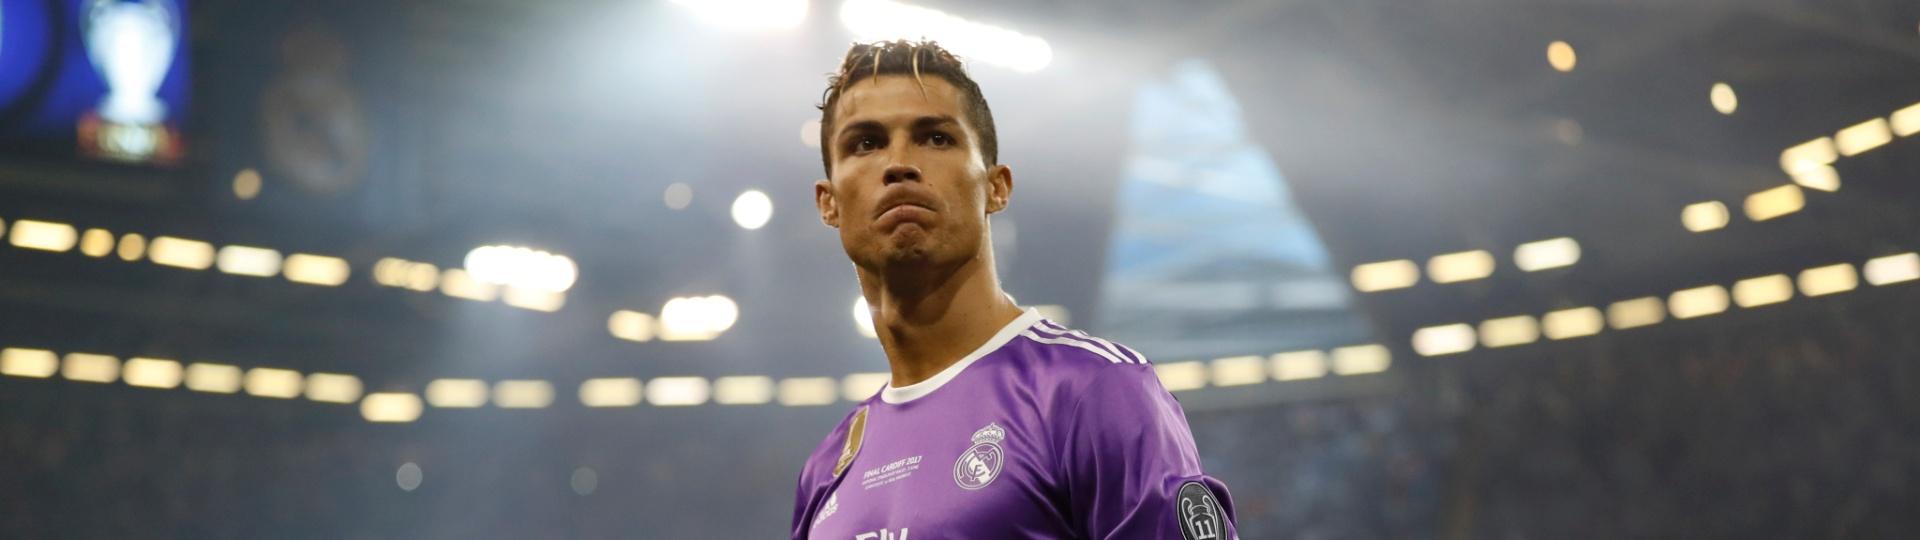 Cristiano Ronaldo, estrela do Real Madrid, faz cara feia antes da final da Liga dos Campeões contra a Juventus